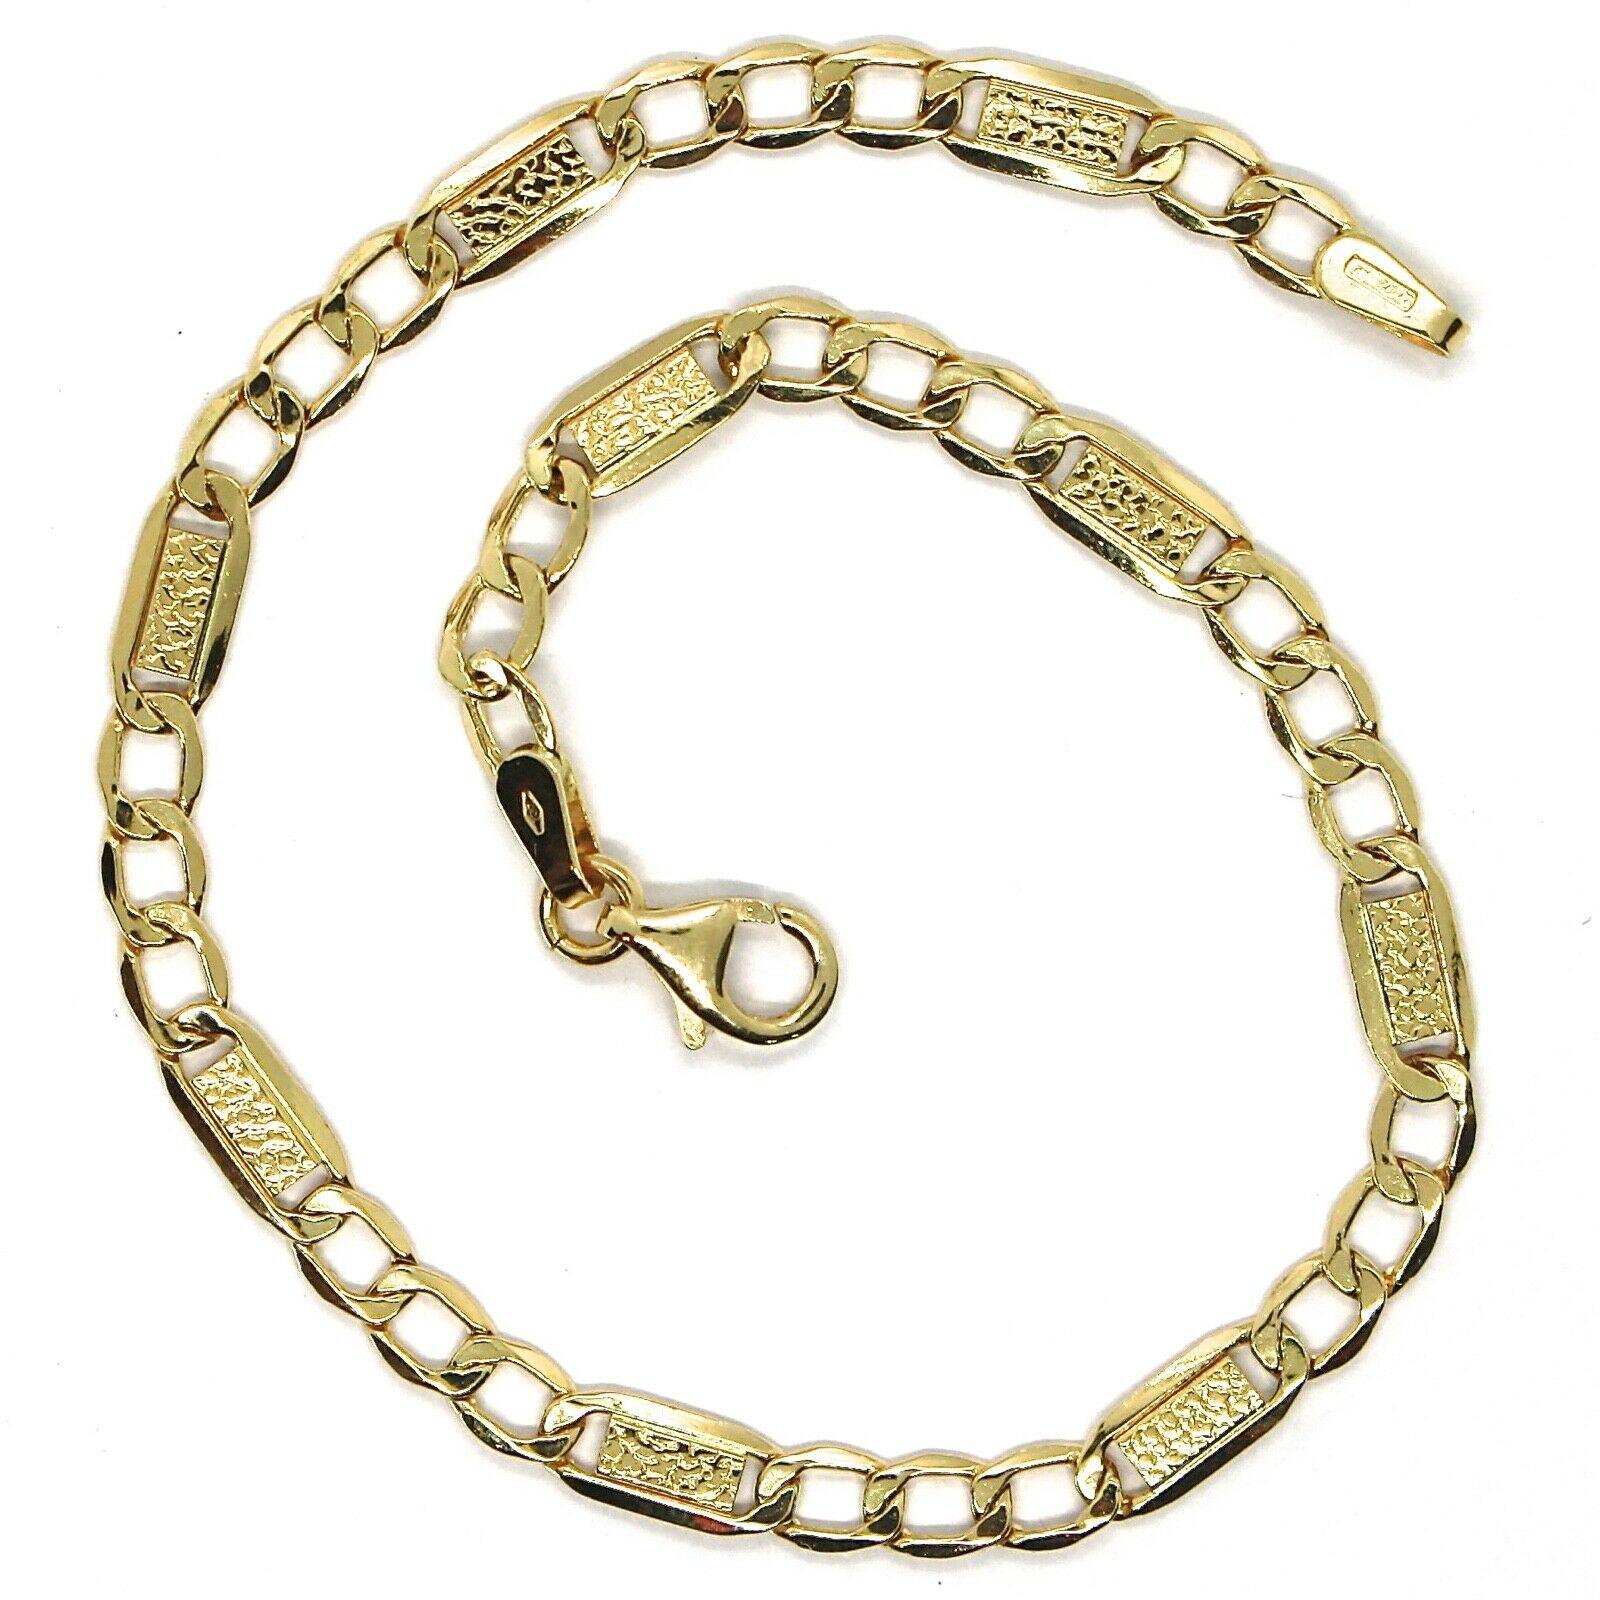 Armband Gelbgold 18K 750, Curb Chain Damen und Platten, Arbeiten Blasen, 4 MM